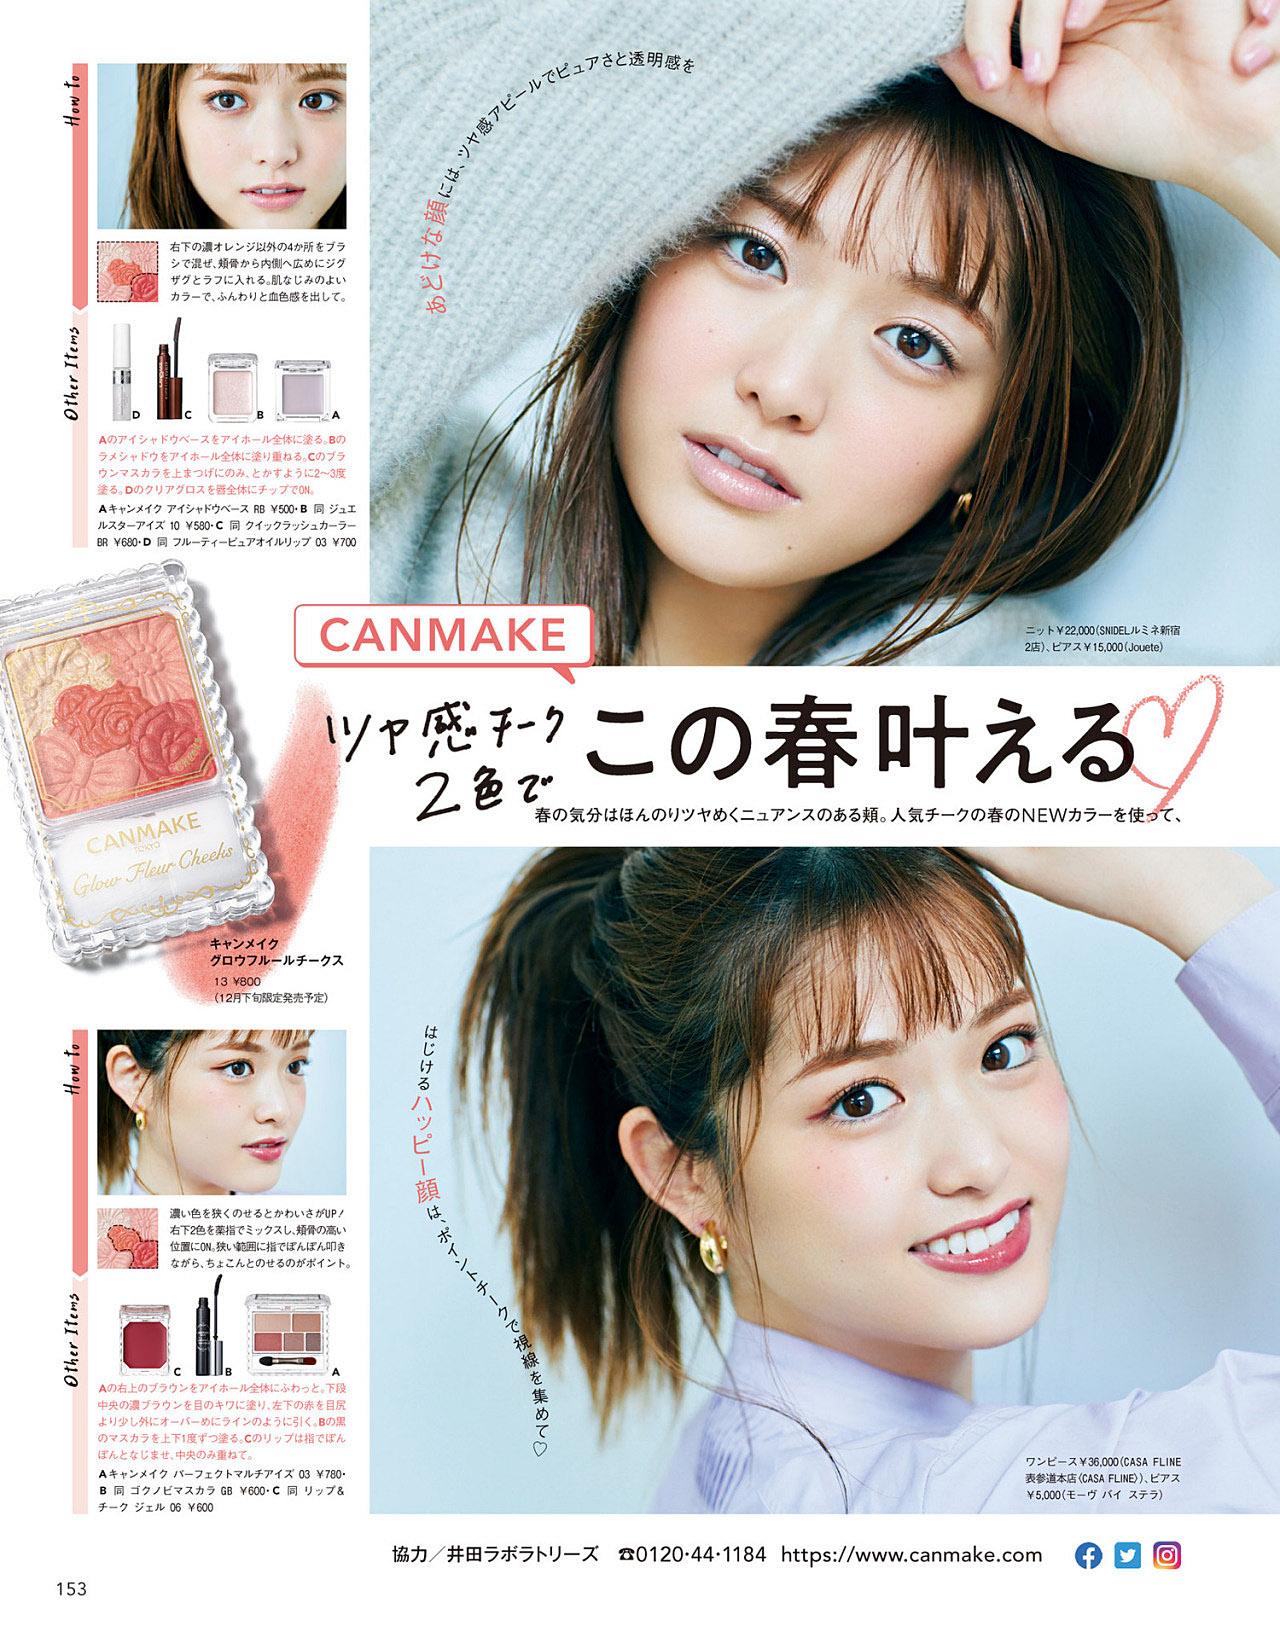 SMatsumura CanCam 2002 07.jpg